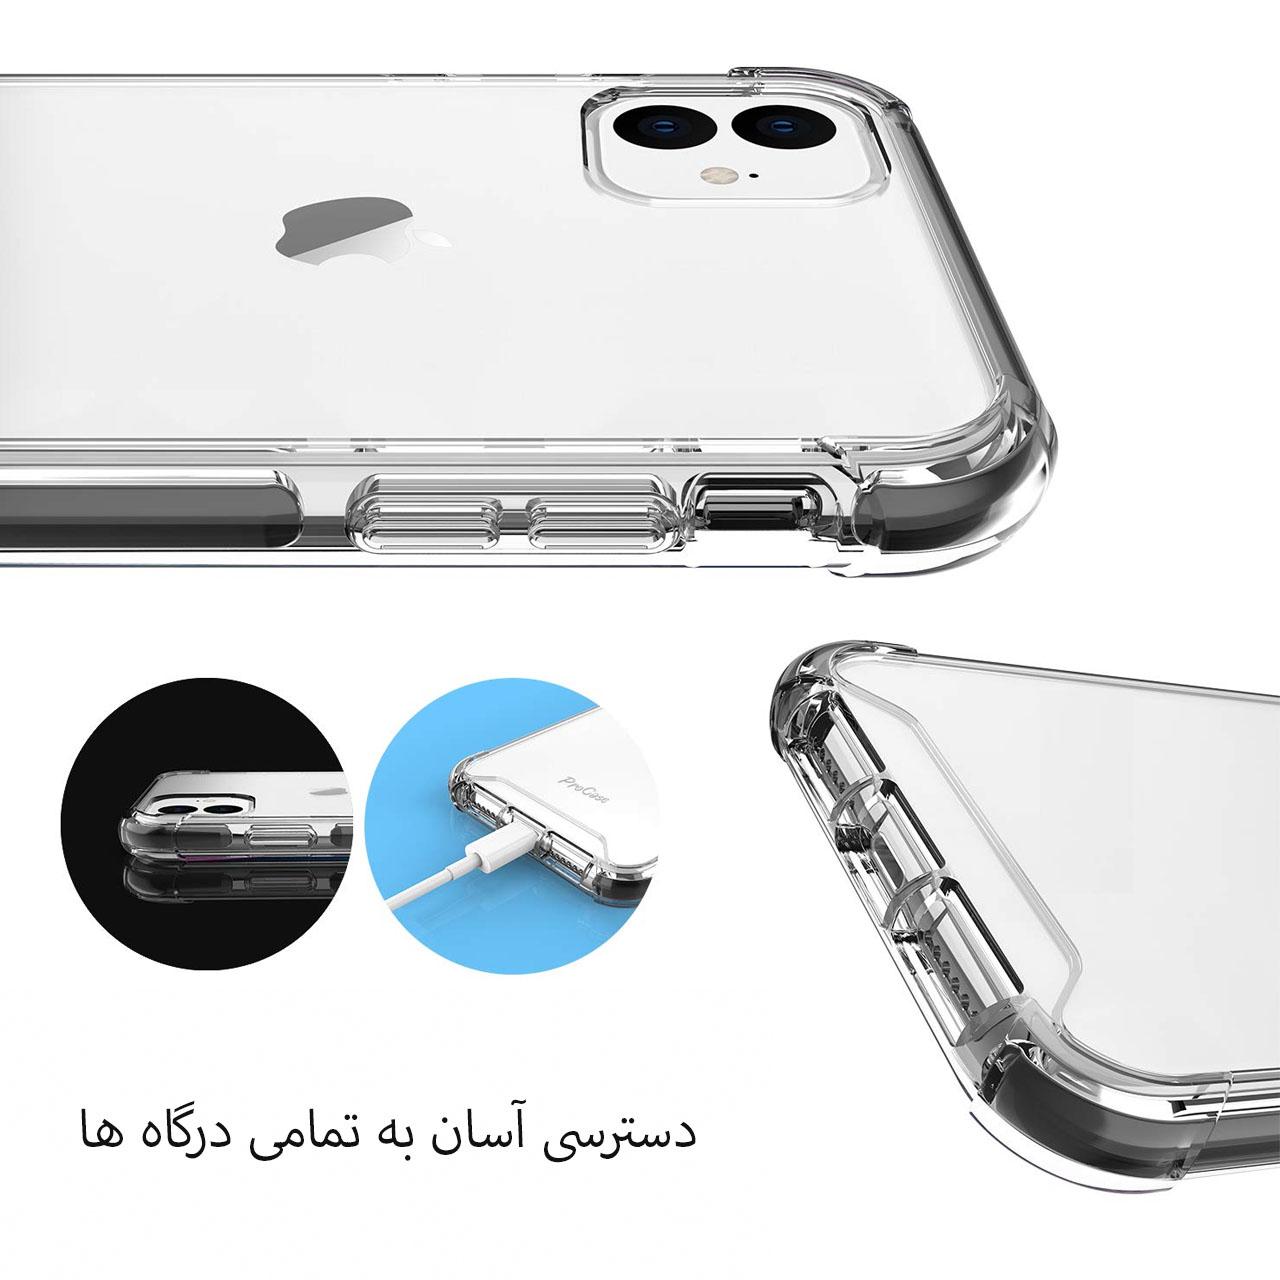 کاور مدل Eouro مناسب برای گوشی موبایل اپل iPhone 11